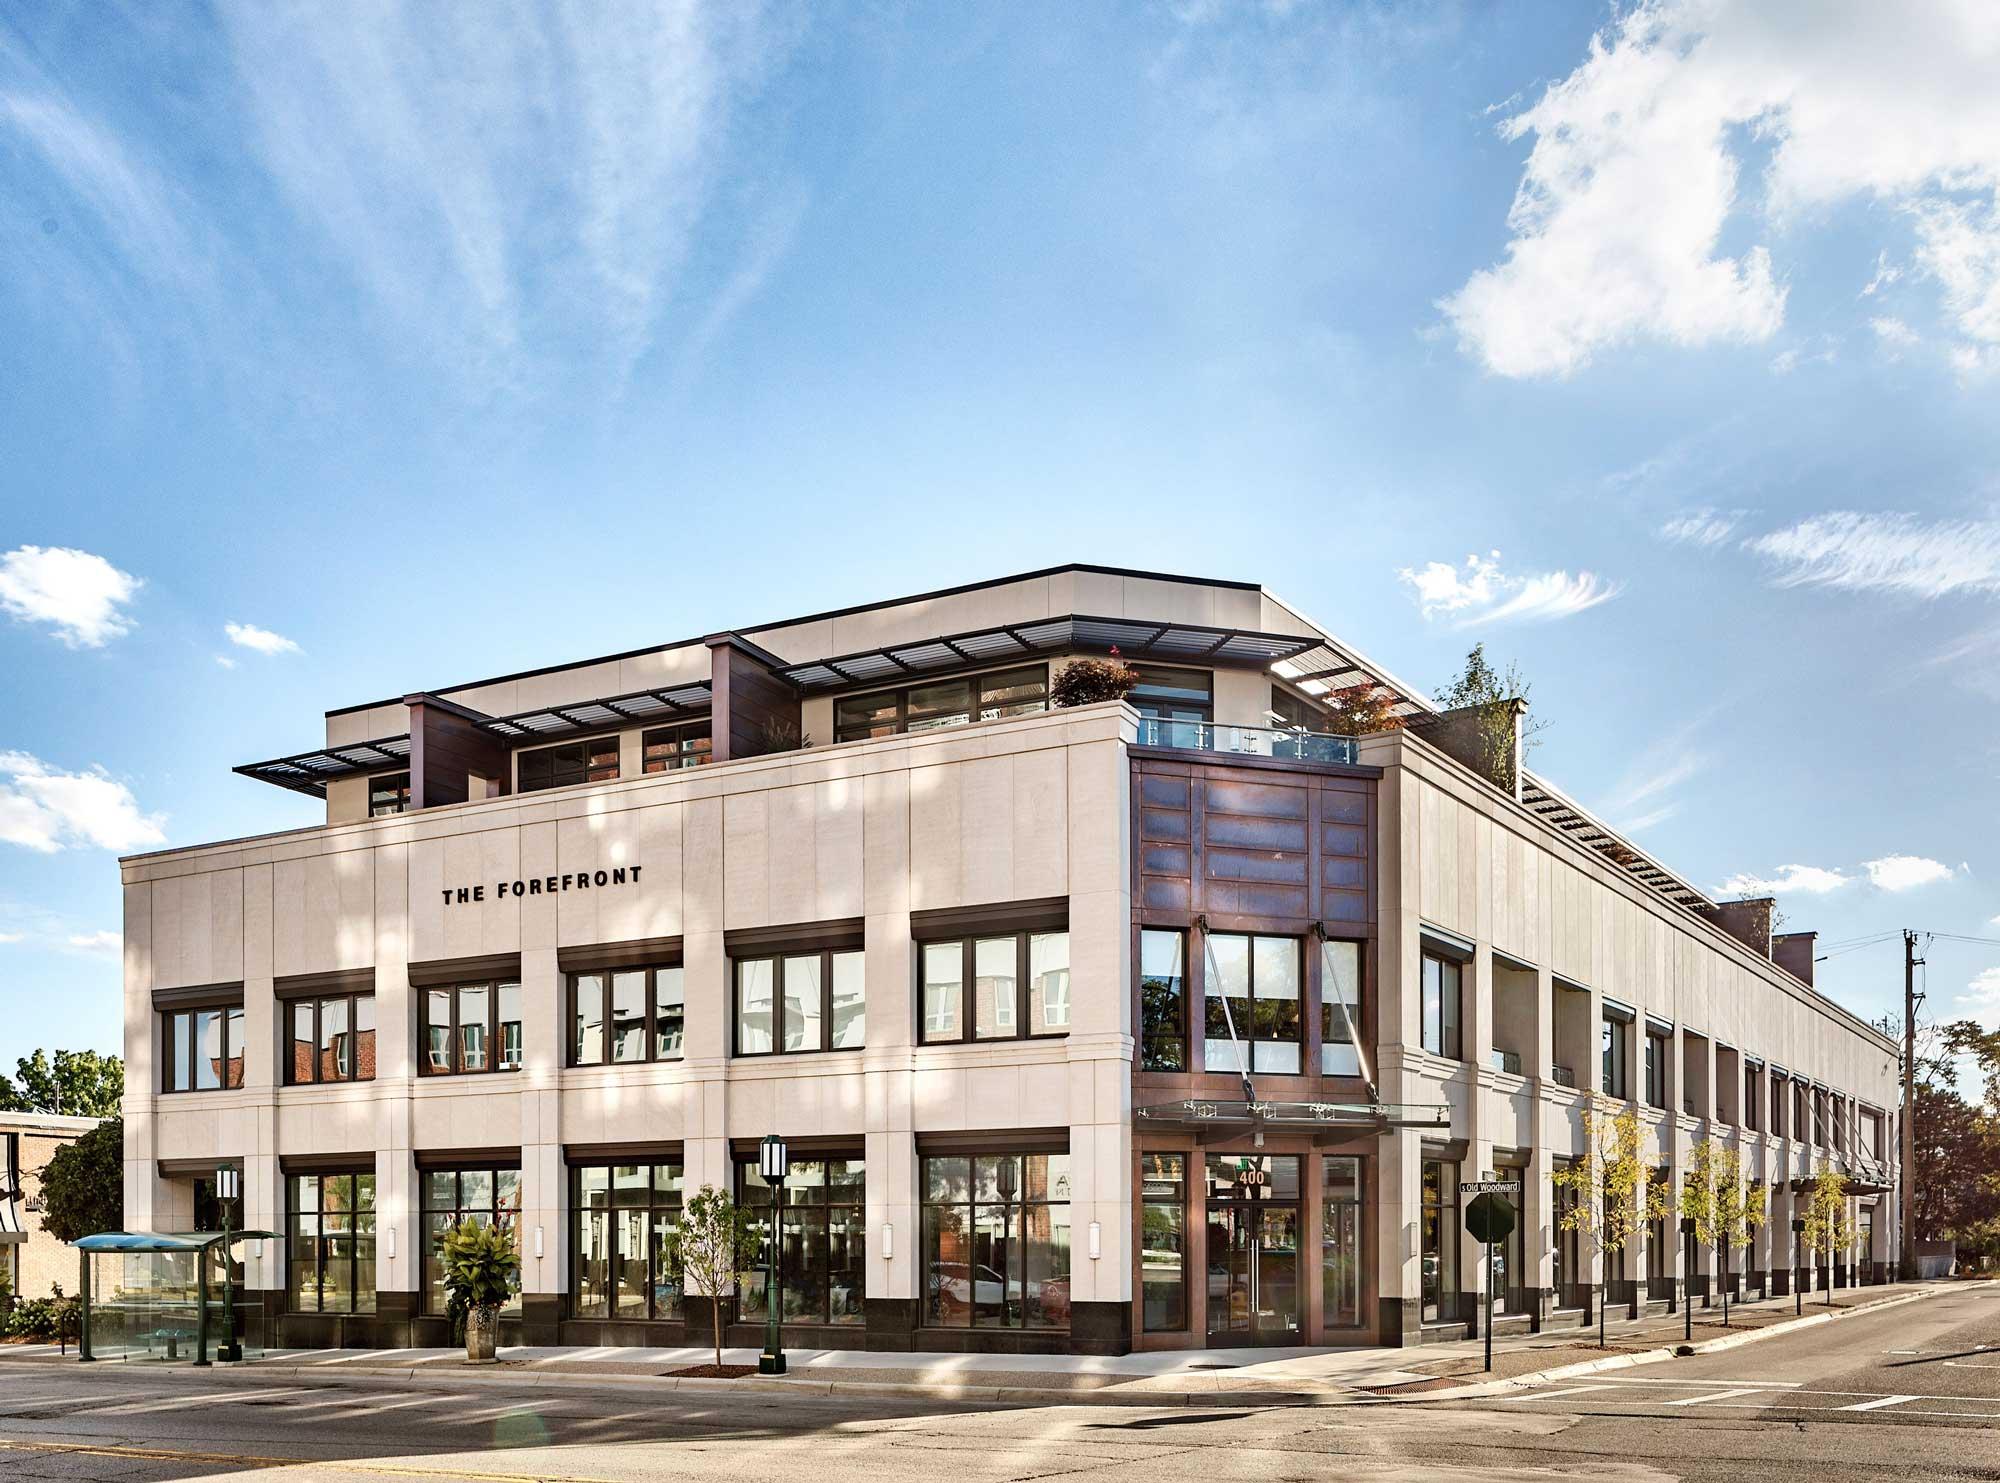 120 S. Broadway exterior rendering